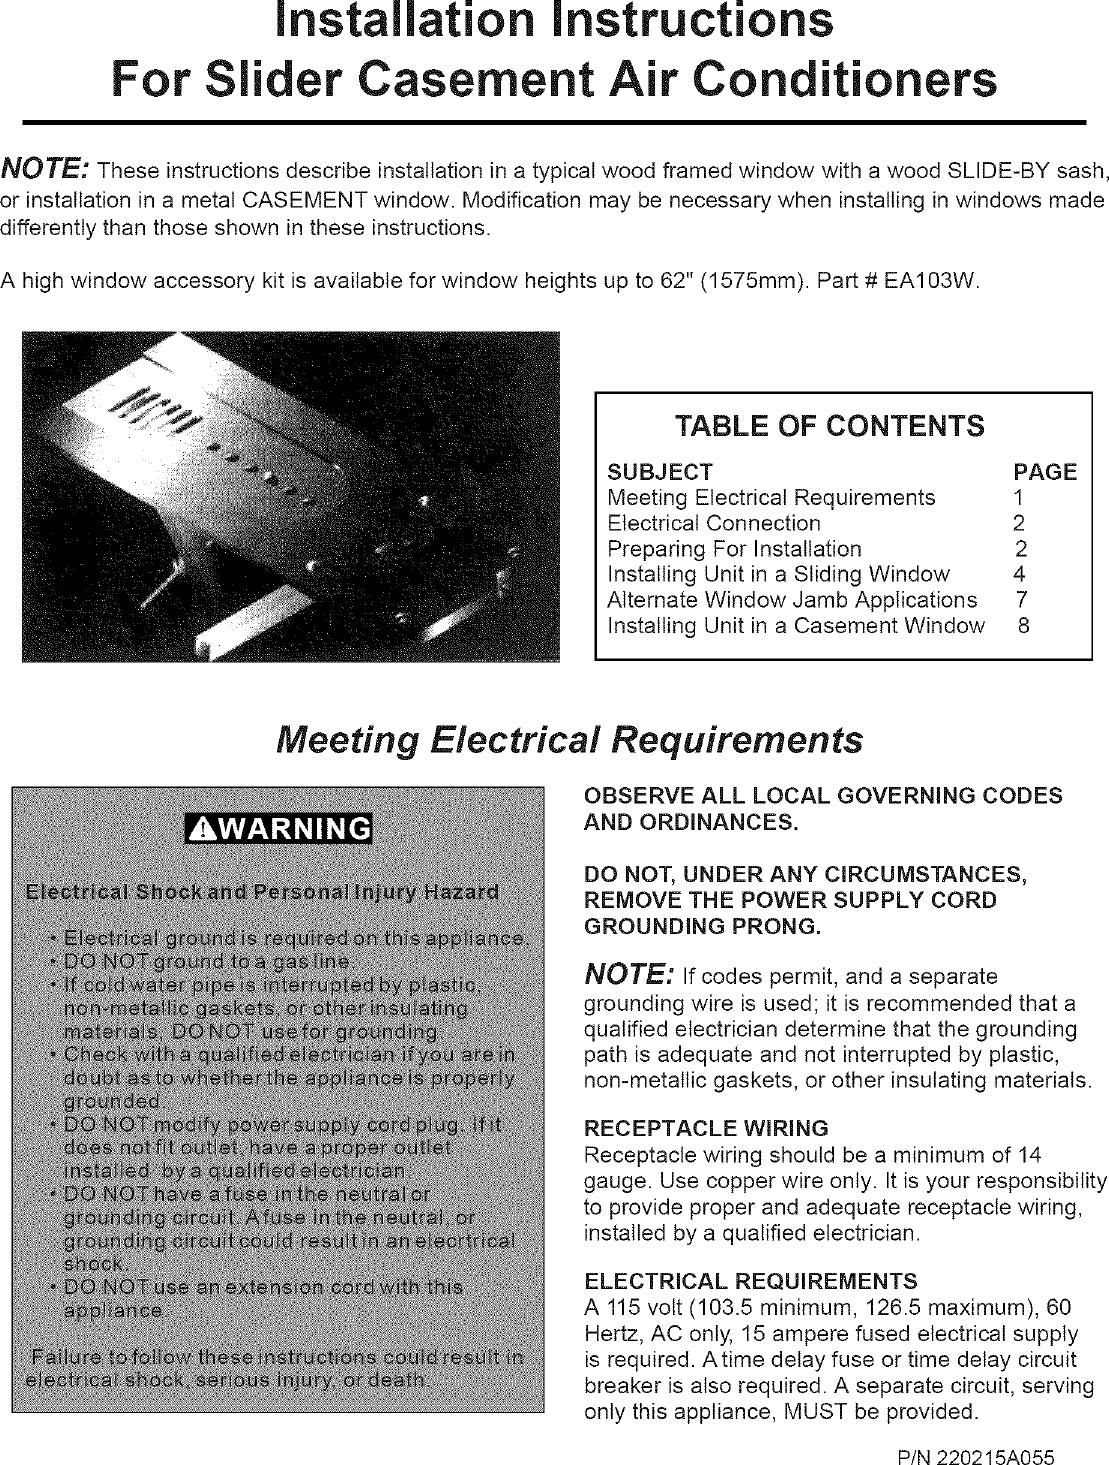 Frigidaire Fak085q7v2 User Manual A C Manuals And Guides L0604045 Timedelaycircuit